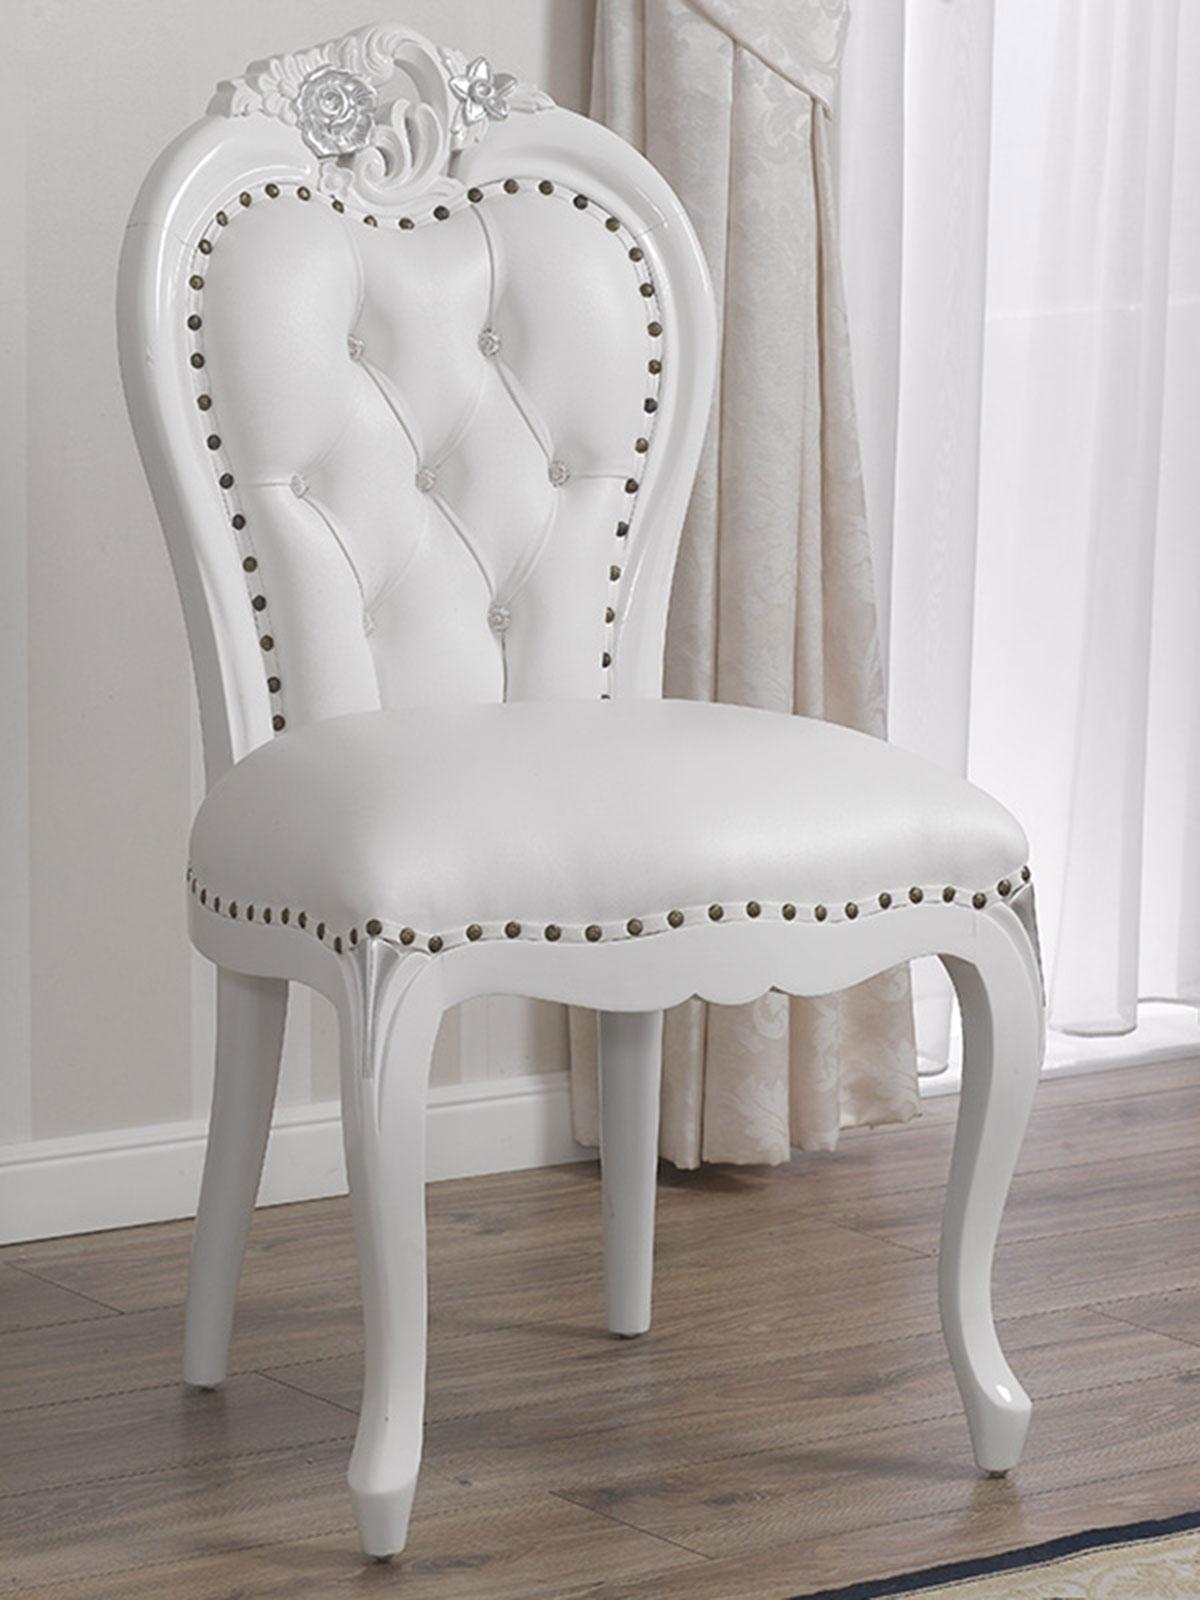 Details zu Poltrona Amalia stile Barocco Moderno sedia bianco laccato e  foglia argento ecop